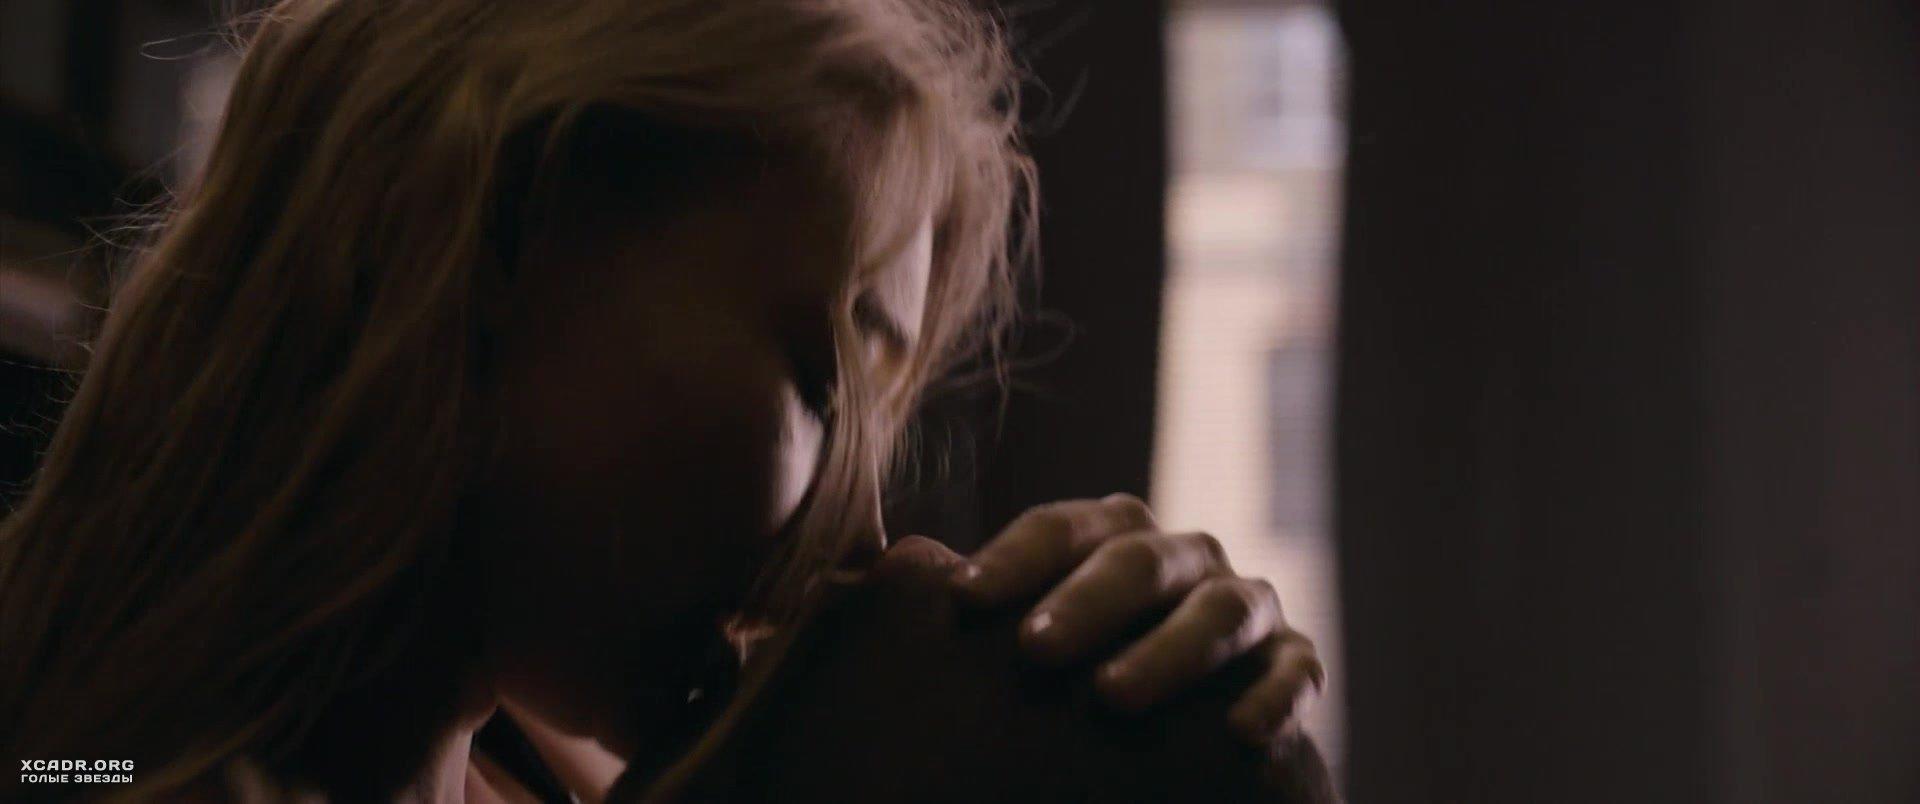 Откровенная Сцена С Оксаной Акиньшиной – Молот (2020)